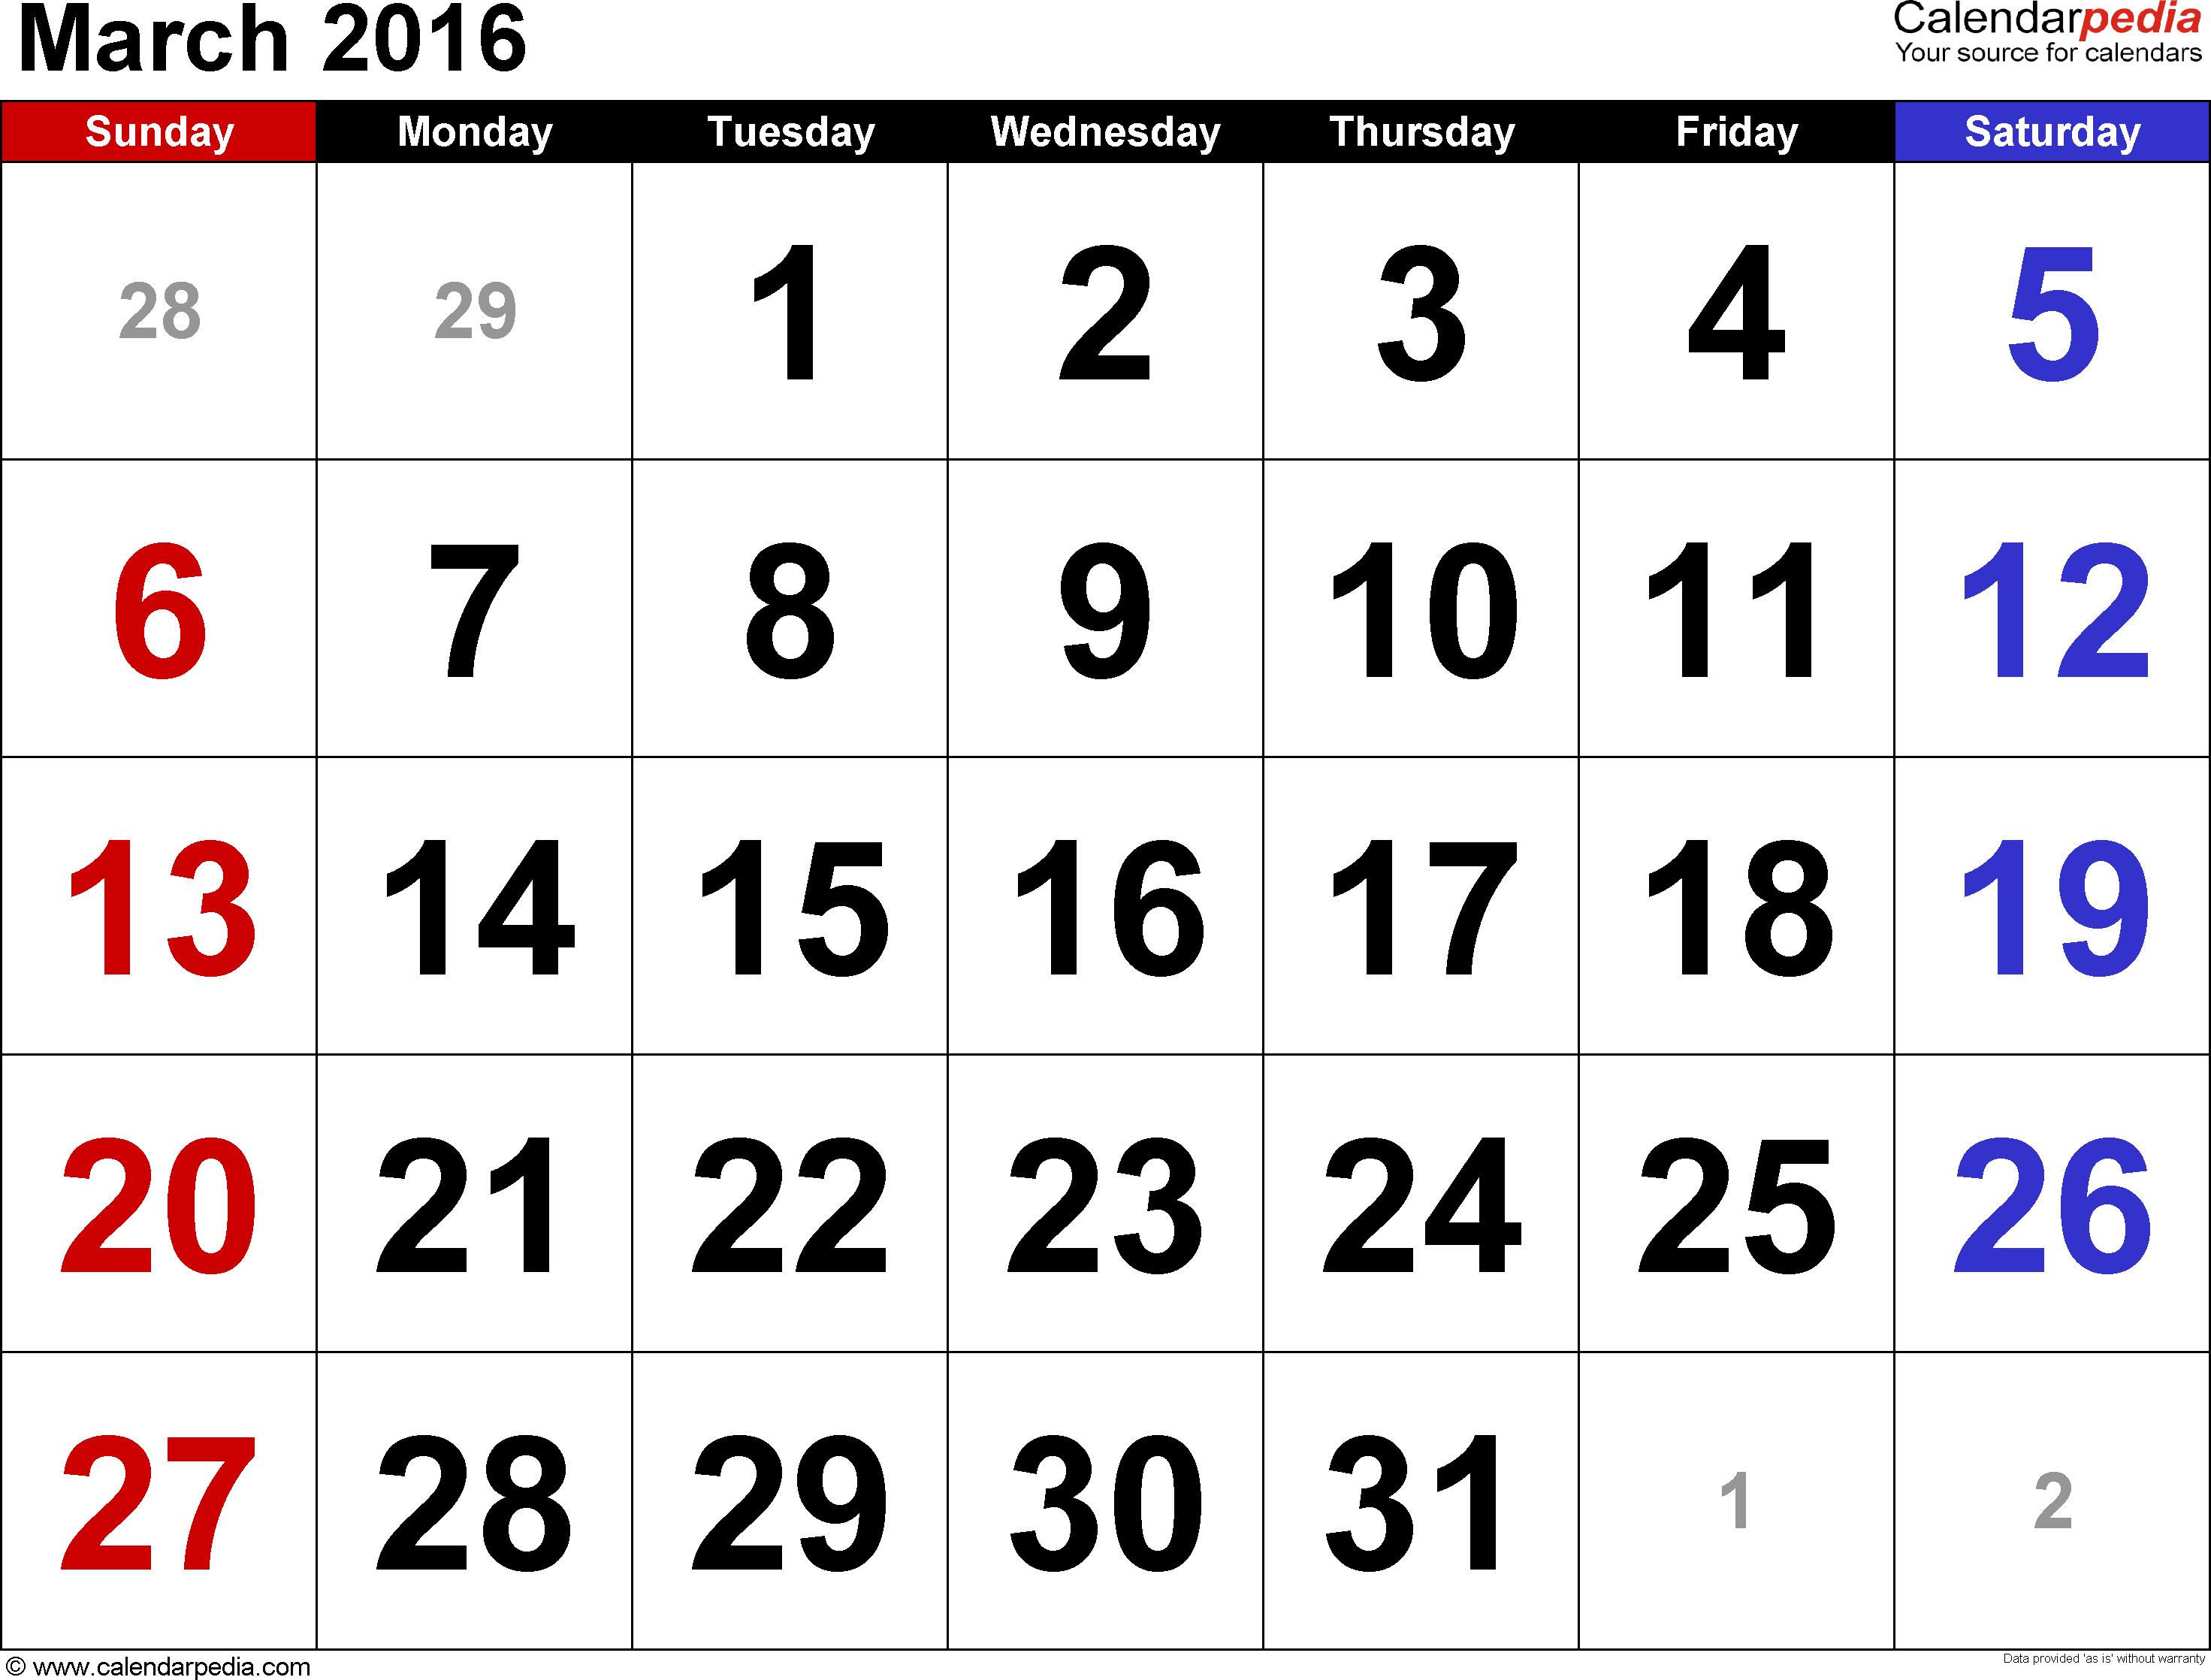 Календарь отрывной за 2016 год